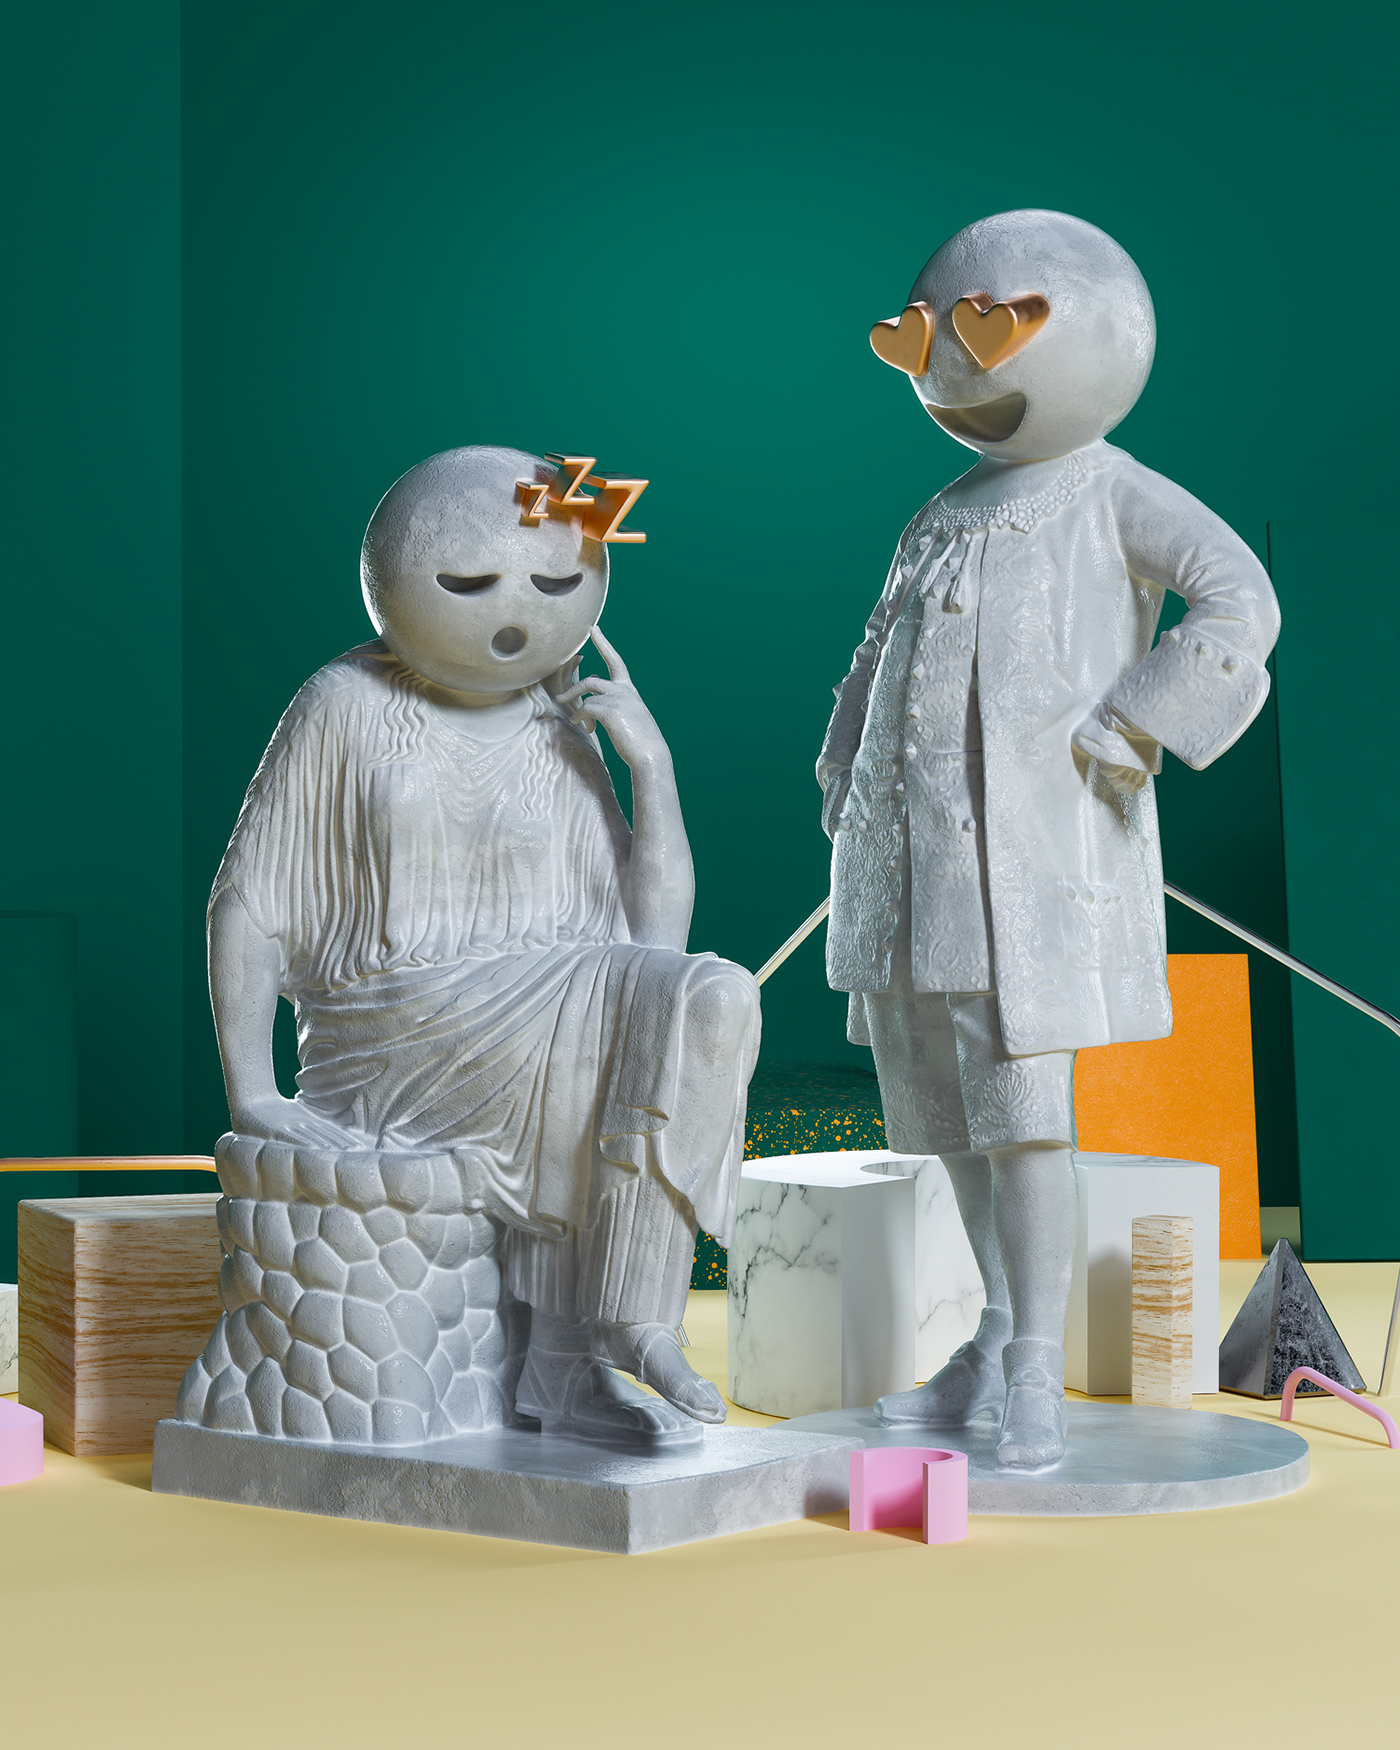 sculpture Emojis social Digital Art  cinema 4d octane sets modern concept 3D